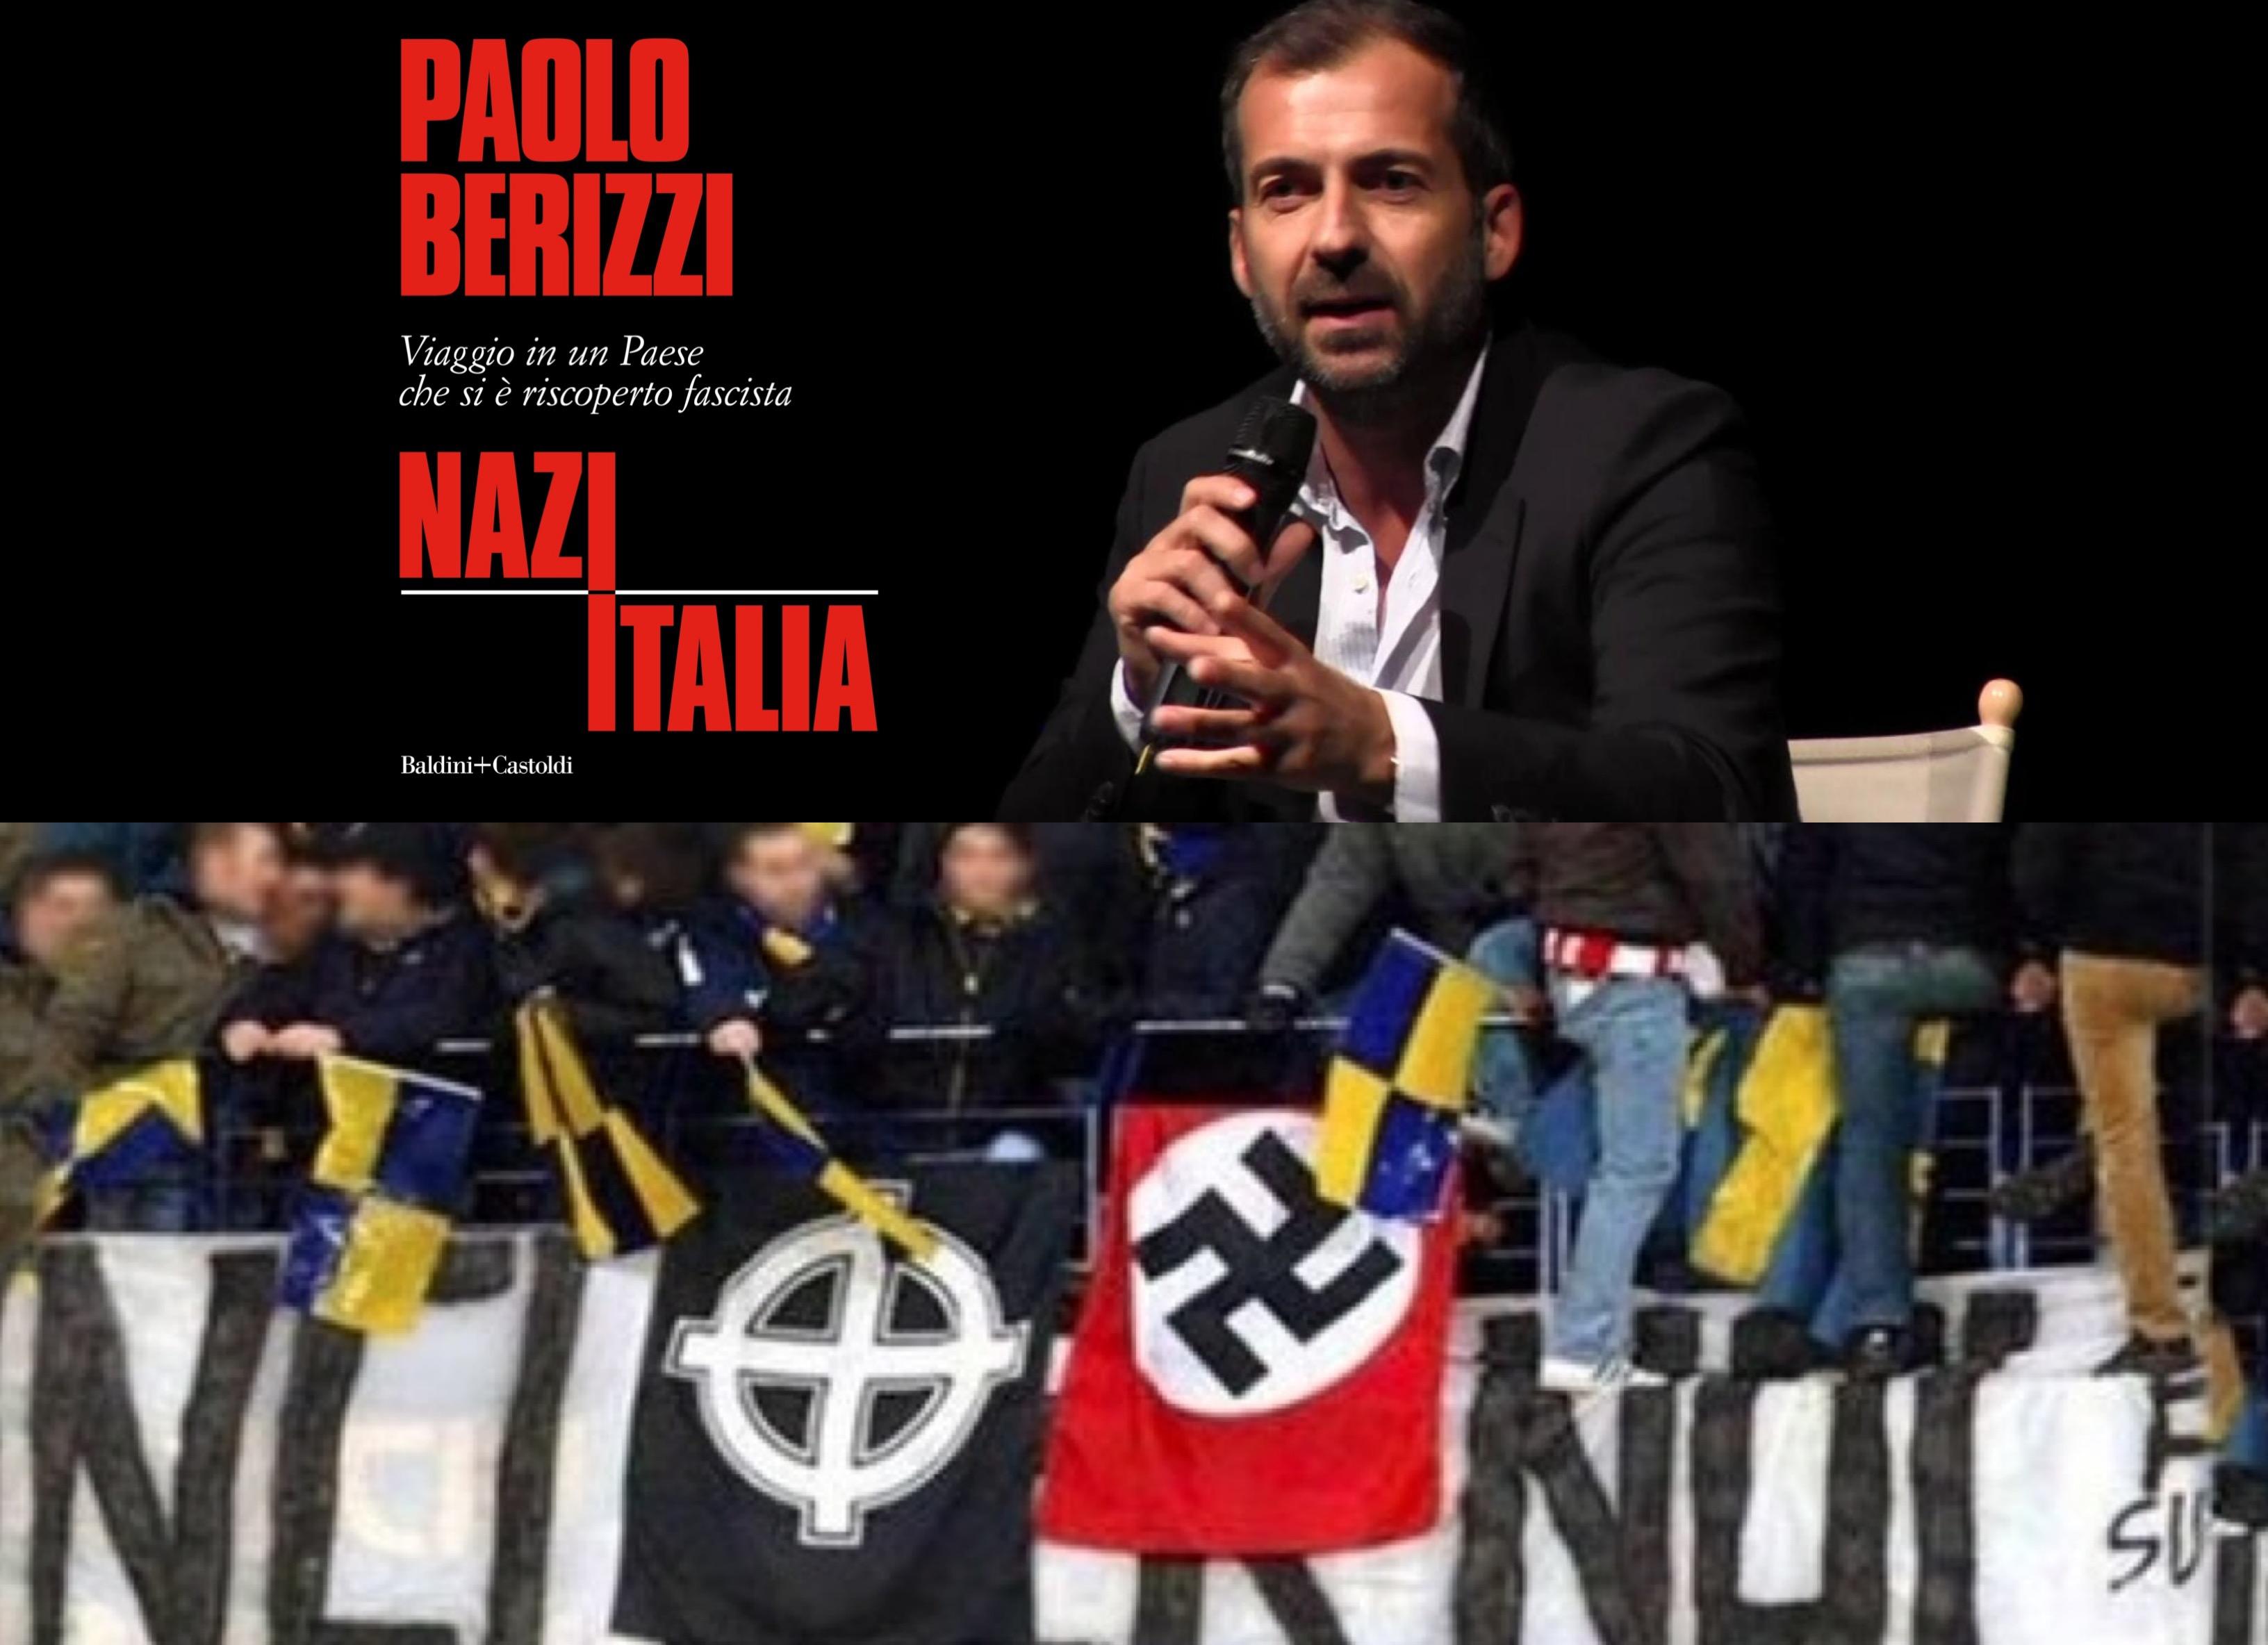 """VERONA. """"NAZITALIA"""" DIVIDE LA CITTÀ. MERCOLEDÌ LA PRESENTAZIONE DEL LIBRO DI PAOLO BERIZZI CON L'EX PROCURATORE PAPALIA E L'ARTISTA CIBO."""